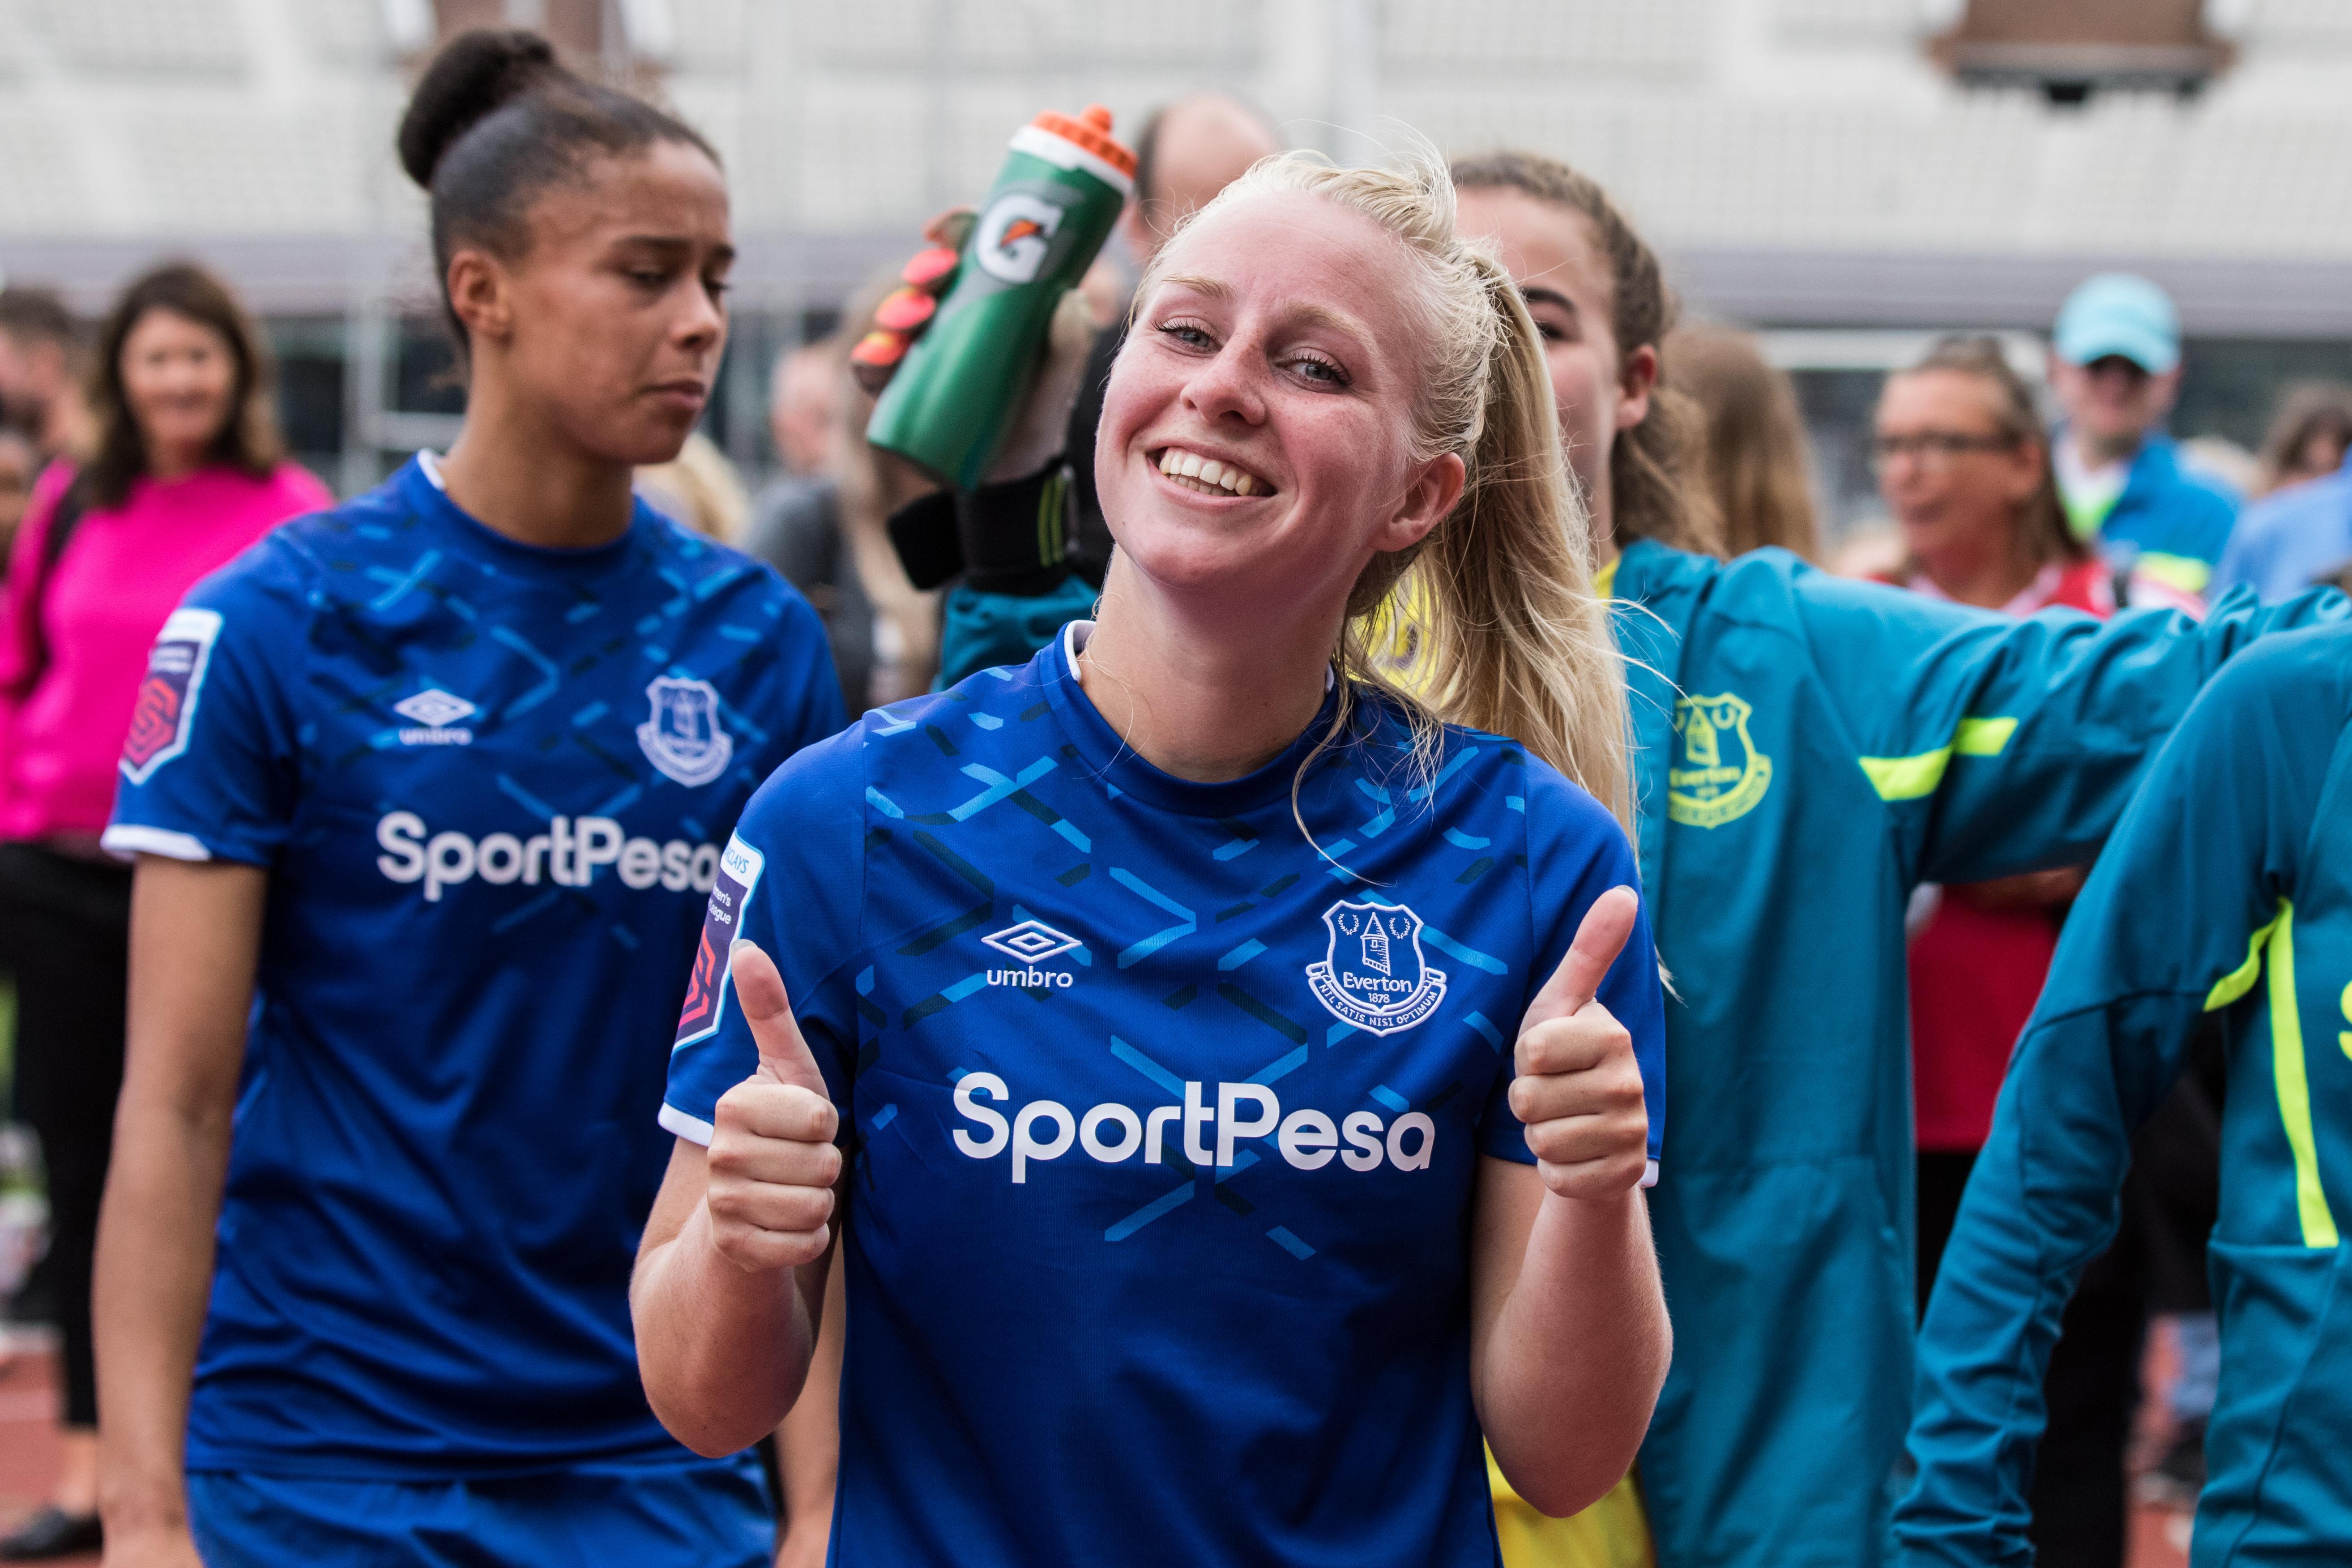 Zesvoudig international Inessa Kaagman vertrekt bij Engelse club Everton: 'Het is tijd voor een volgende stap' [video]